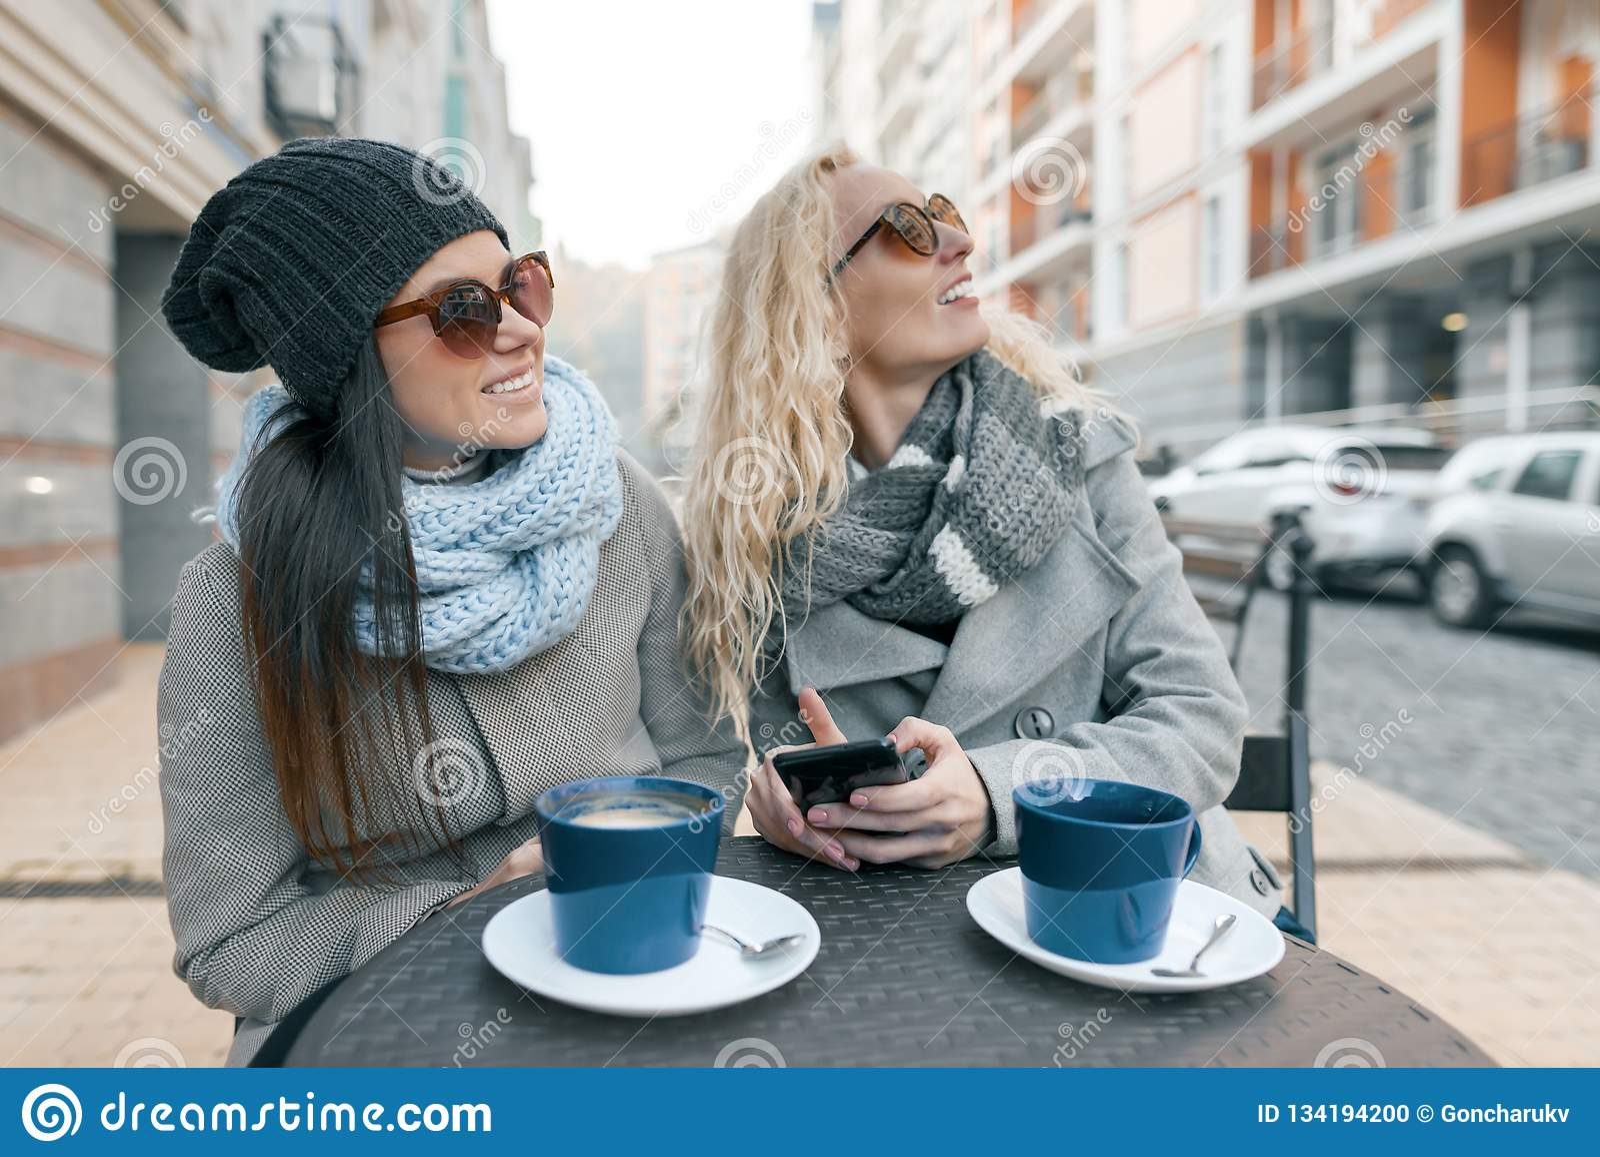 Dwa młodej one uśmiechają się modnej kobiety śmia się w plenerowej kawiarni, pijący kawę, opowiadający, tło miejskie